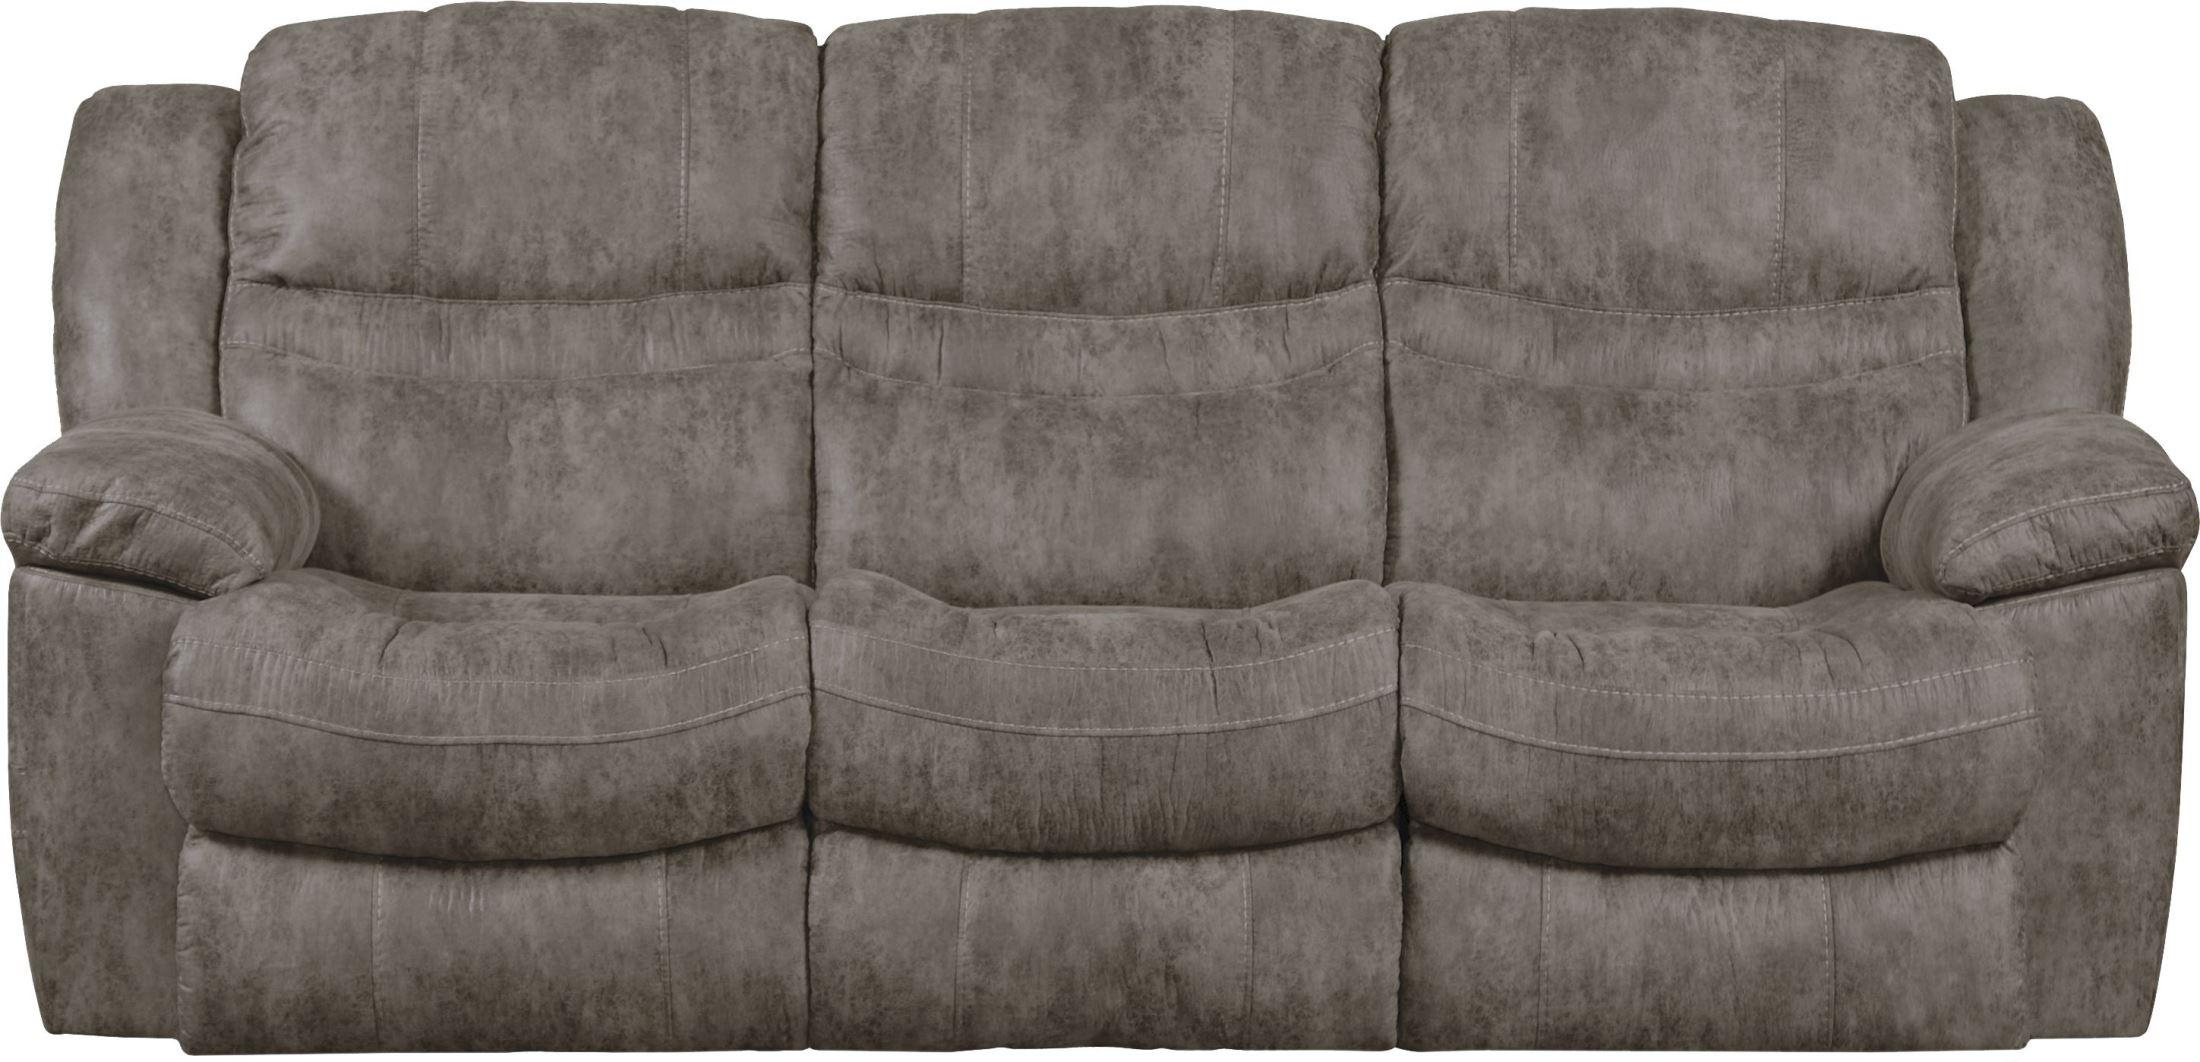 Valiant Marble Reclining Sofa From Catnapper